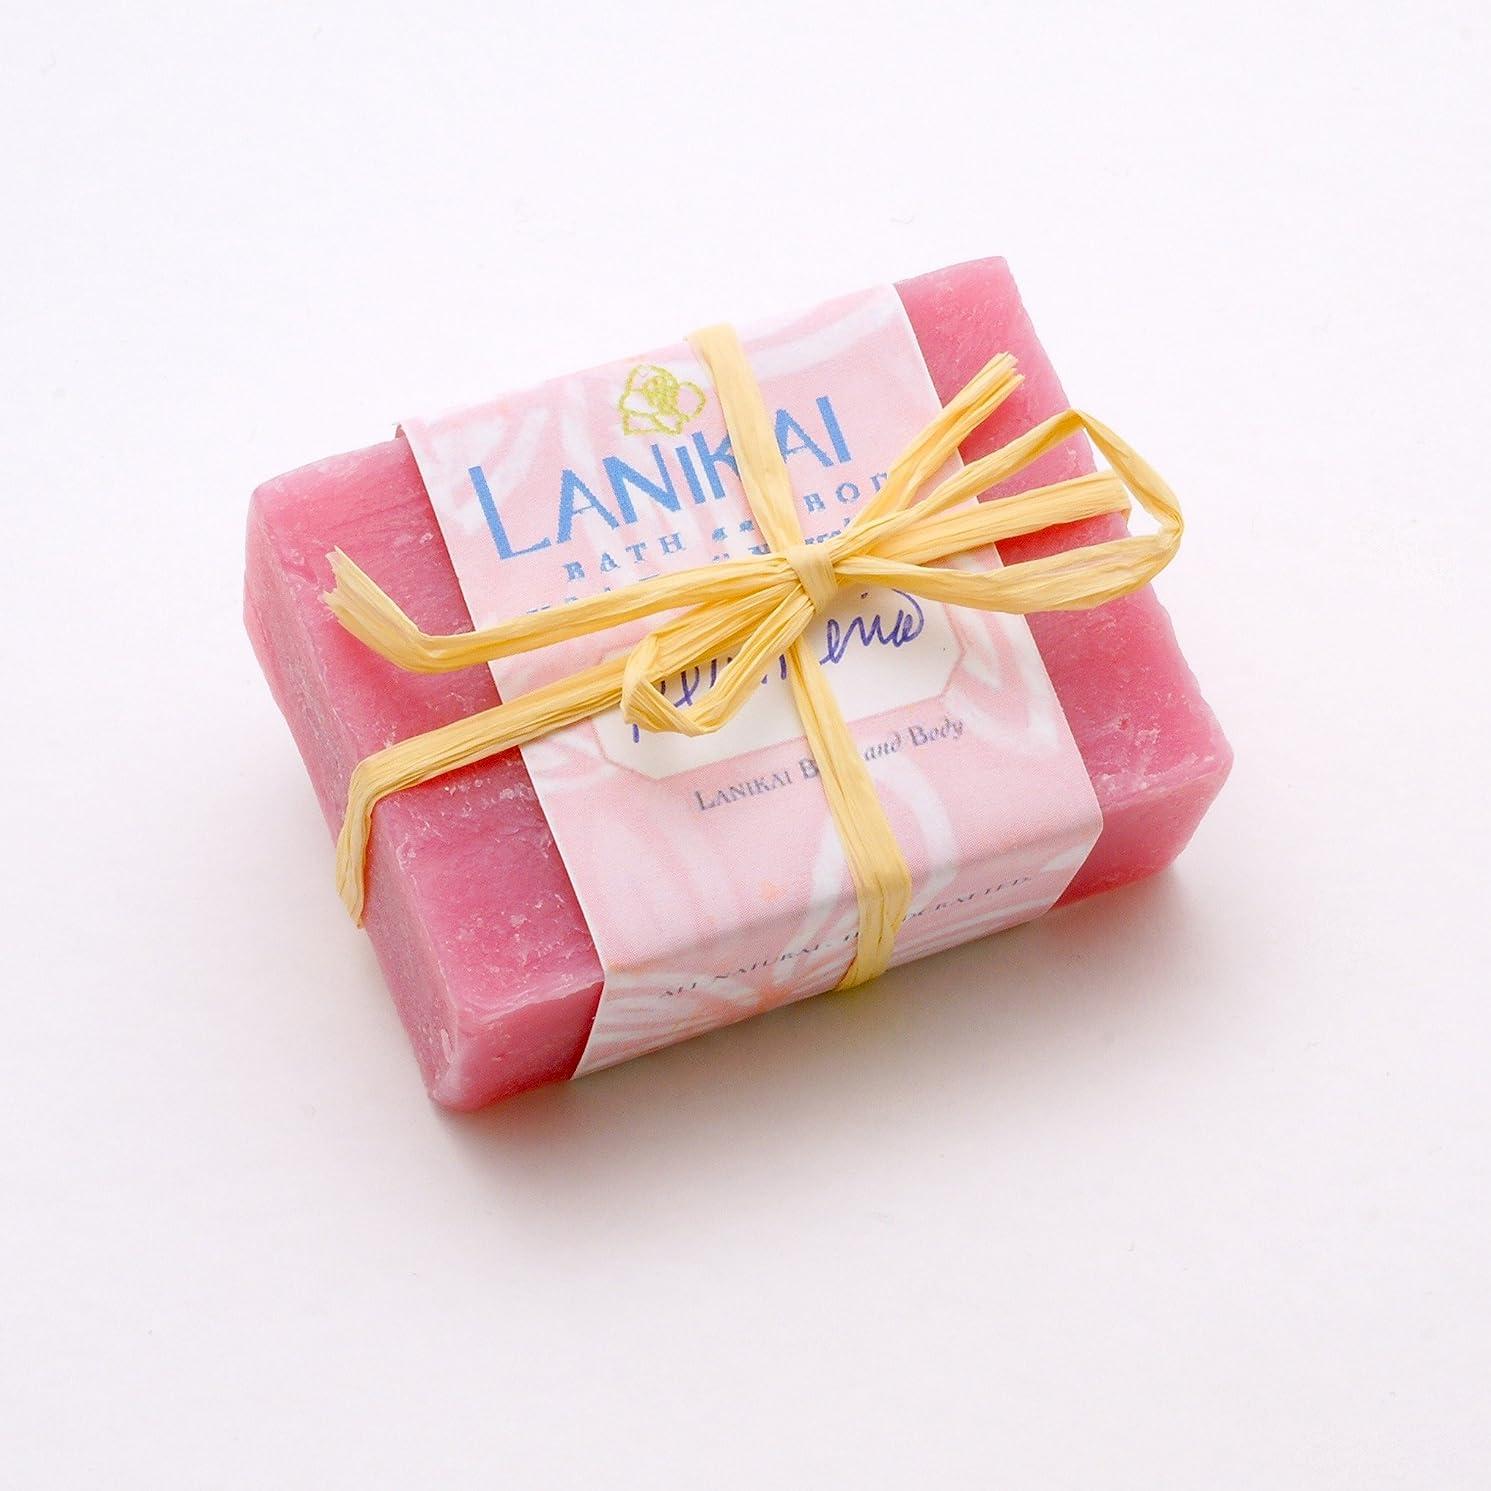 ピービッシュあからさま雇用者LANIKAI Handmade Hawaiian Soap Plmeria ハンドメイド ハワイアンソープ プルメリア